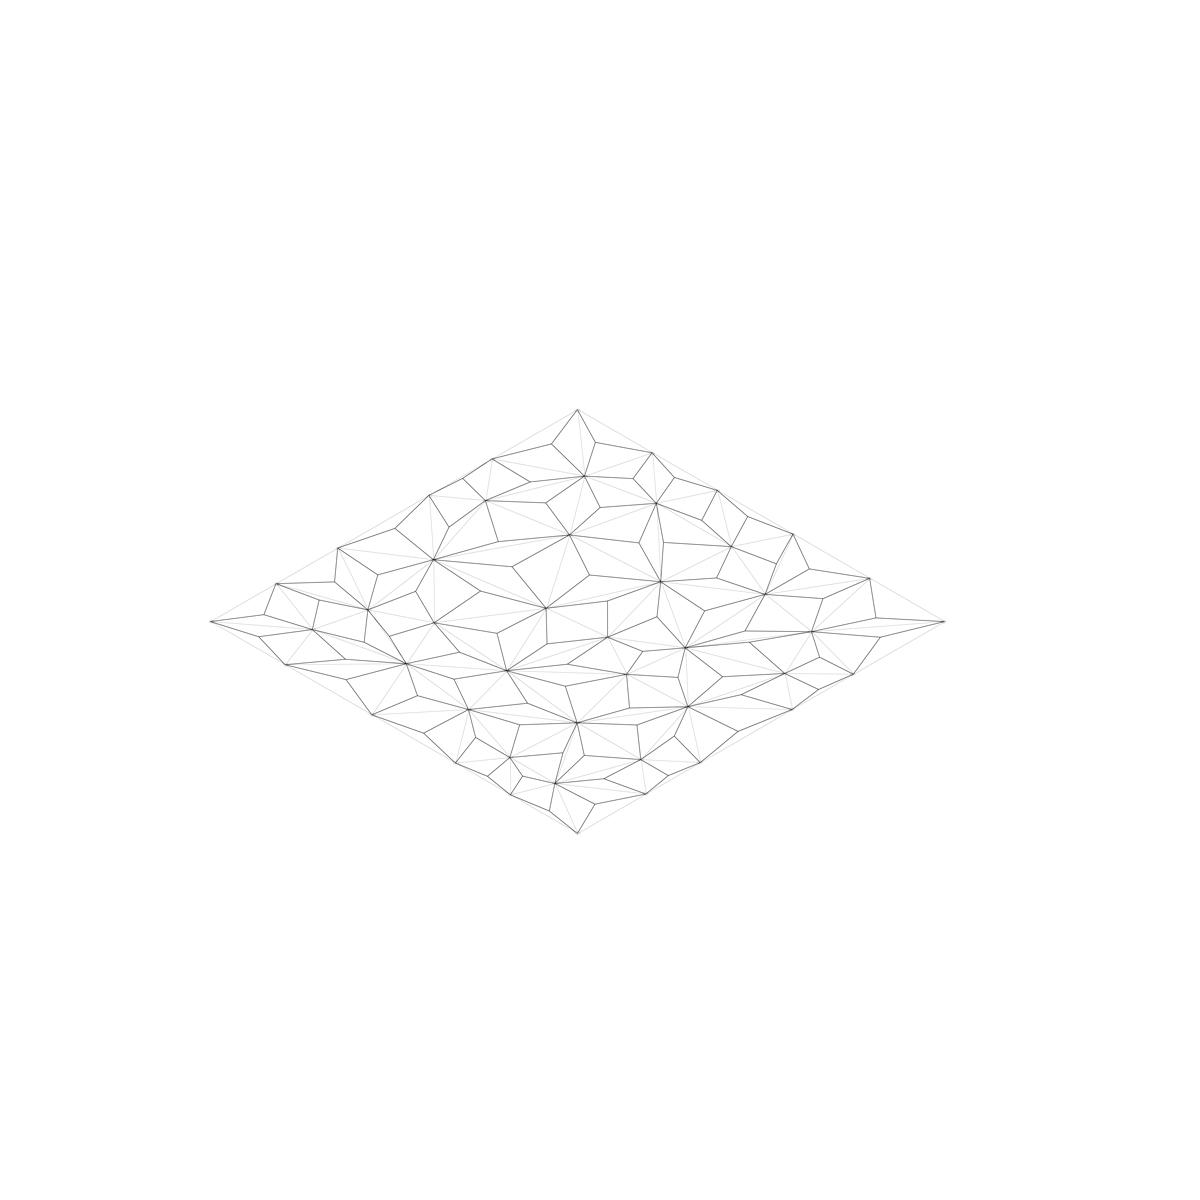 broken-vault-3.jpg